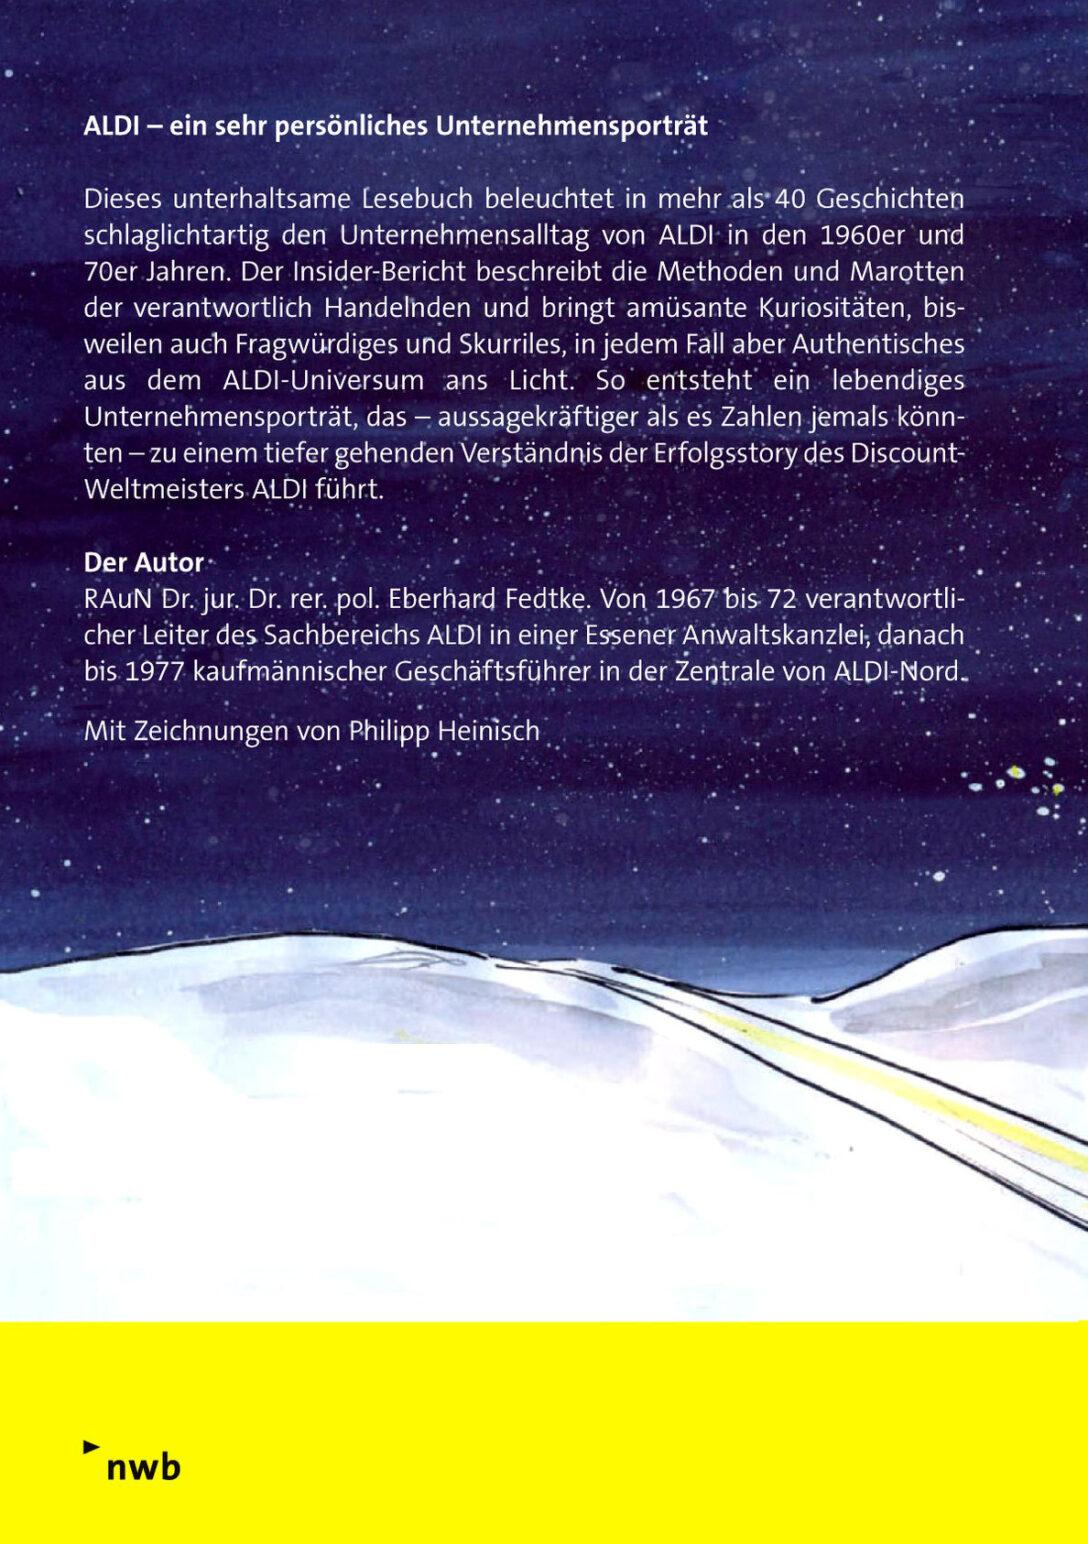 Large Size of Sichtschutz Aldi Geschichten Buch Von Eberhard Fedtke Versandkostenfrei Fenster Sichtschutzfolie Im Garten Für Einseitig Durchsichtig Relaxsessel Holz Wpc Wohnzimmer Sichtschutz Aldi